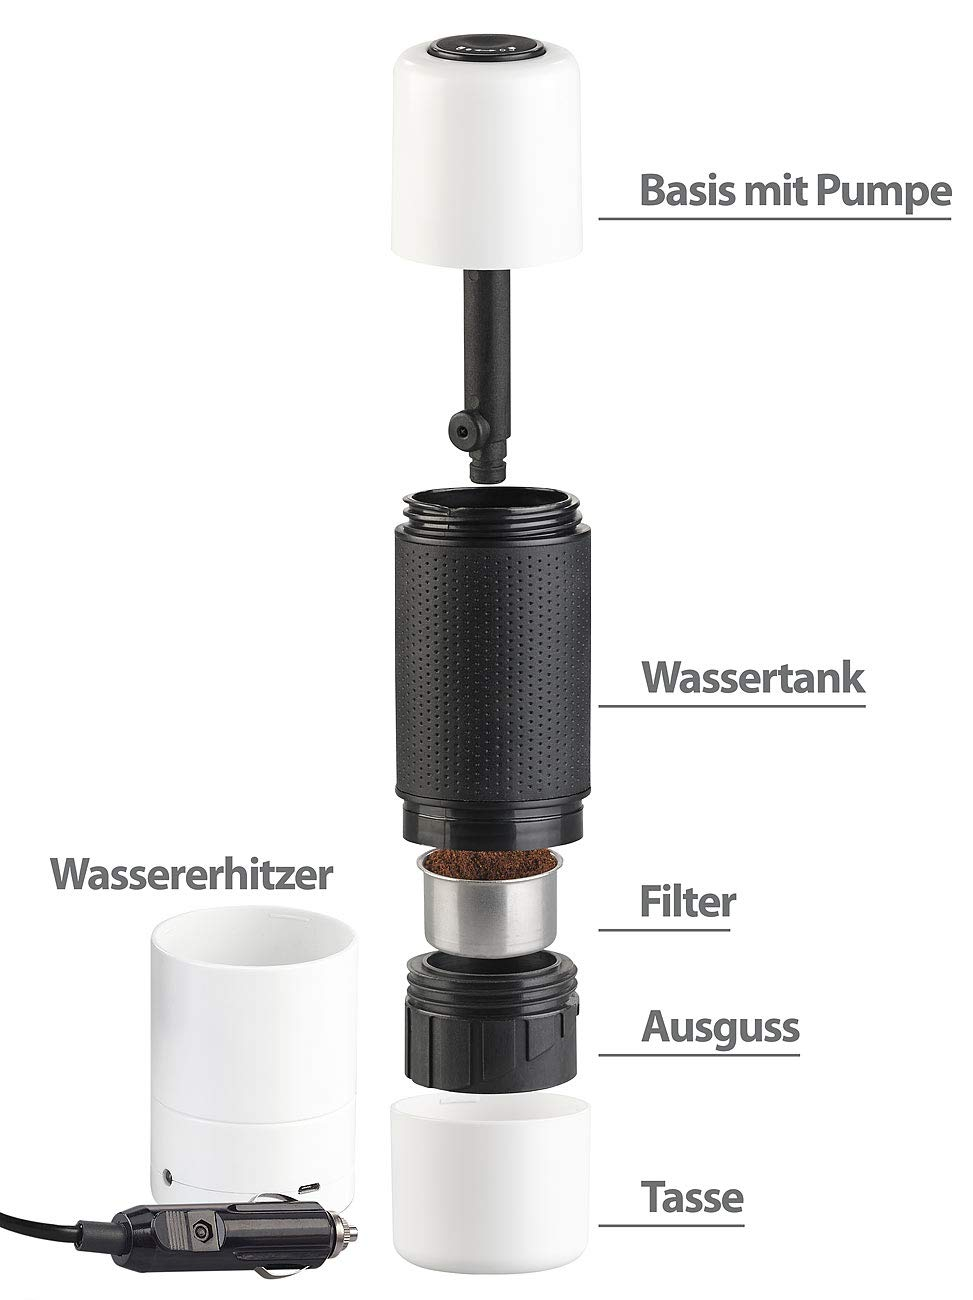 Rosenstein-Shne-Auto-Kaffeemaschinen-Manueller-Mini-Espresso-Maker-mit-12-Volt-Wassererhitzer-10-g100-ml-Kaffeemaschine-Camping